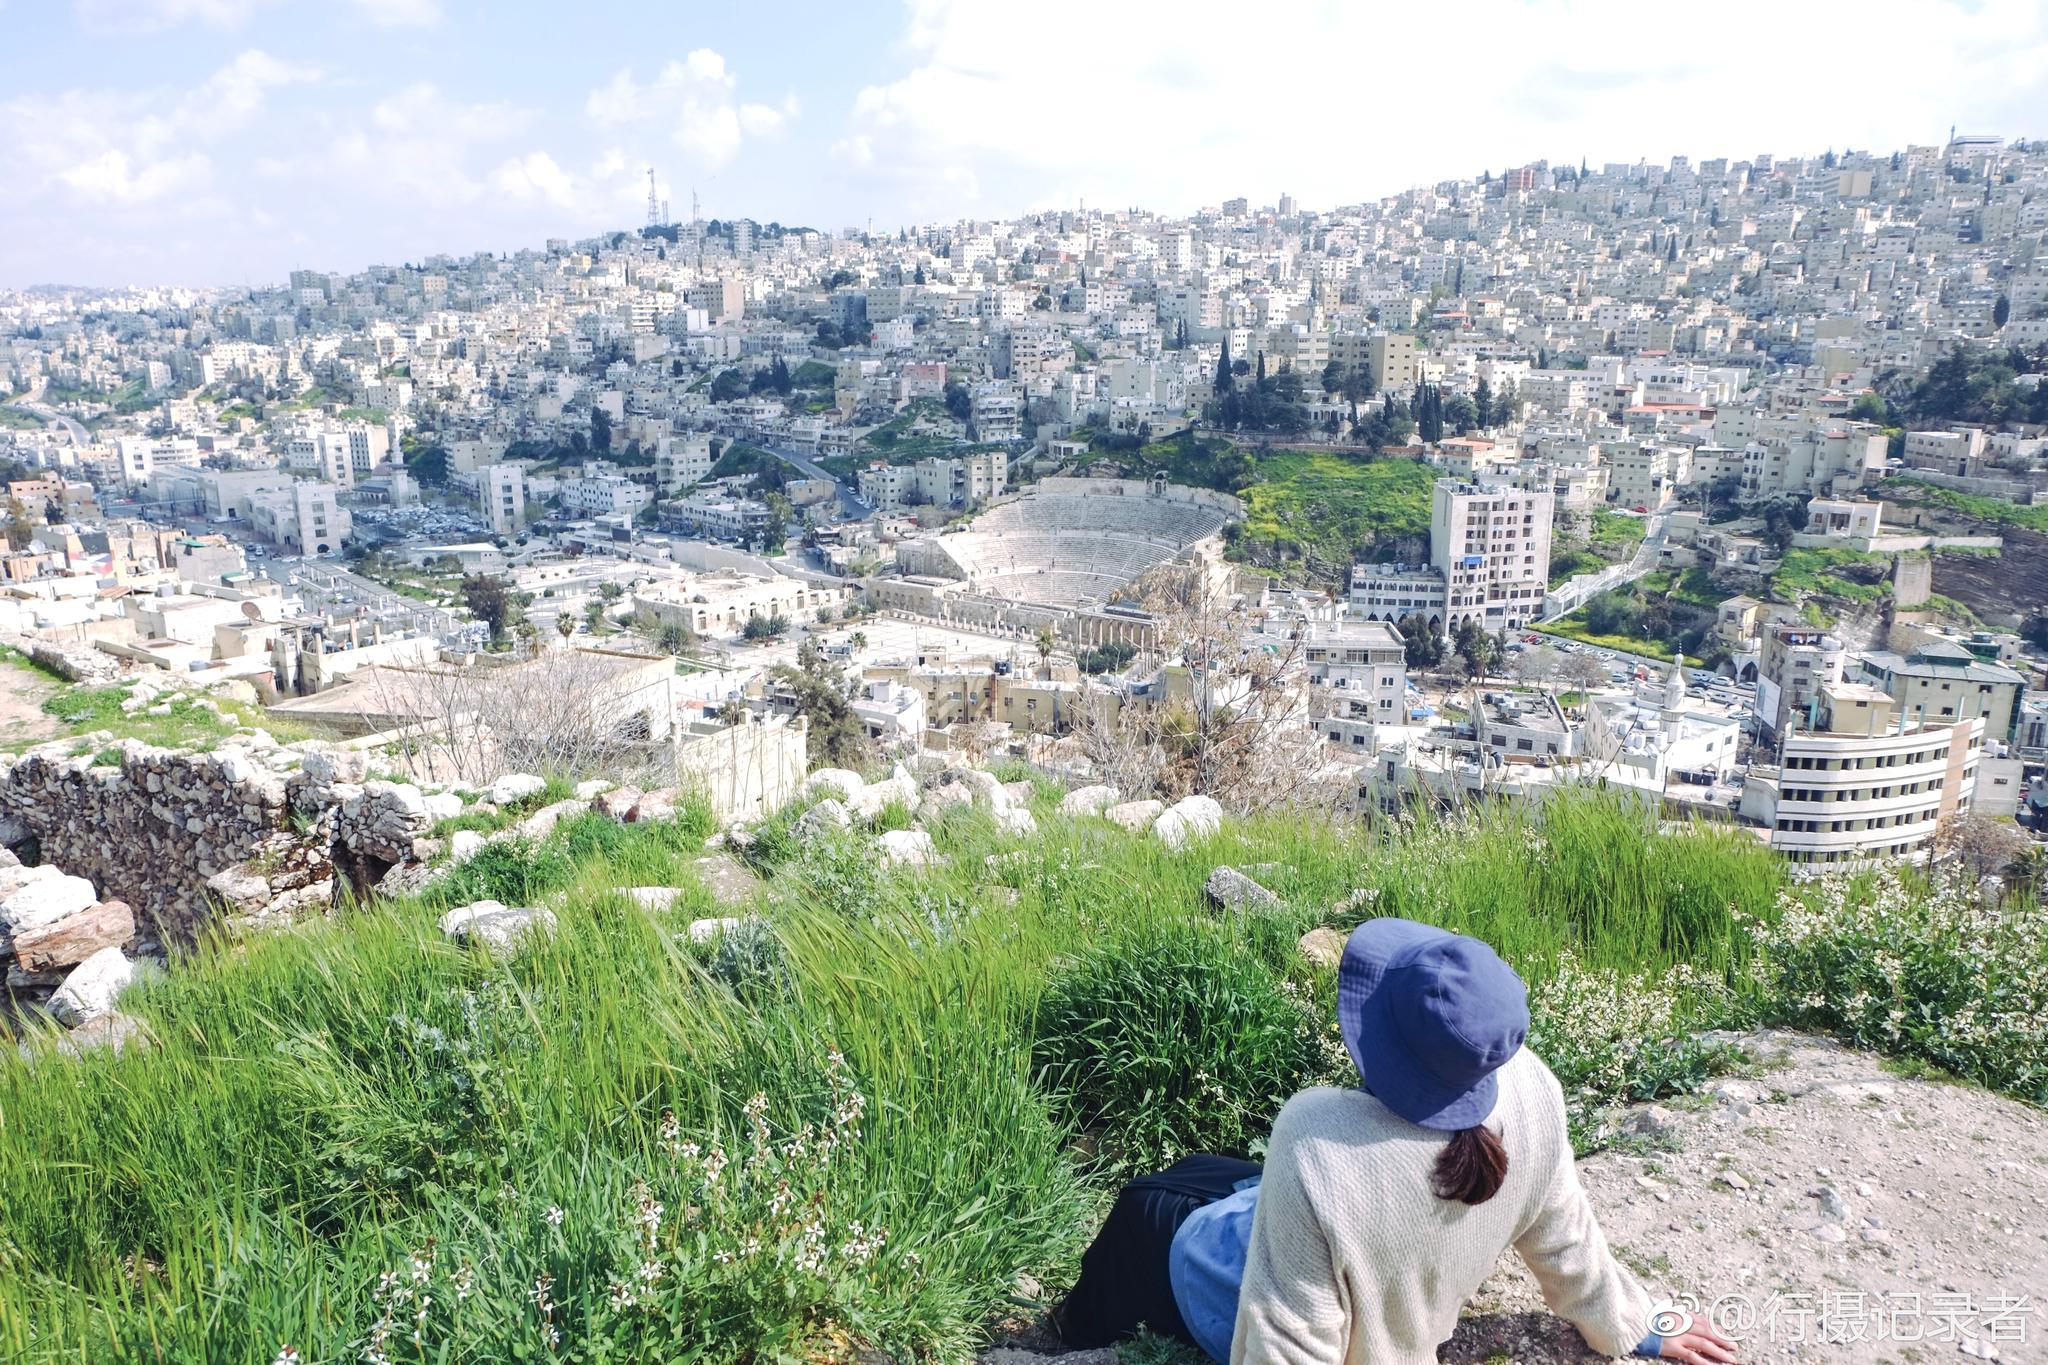 绿意盎然的约旦 满眼都是舒服的蓝天白云